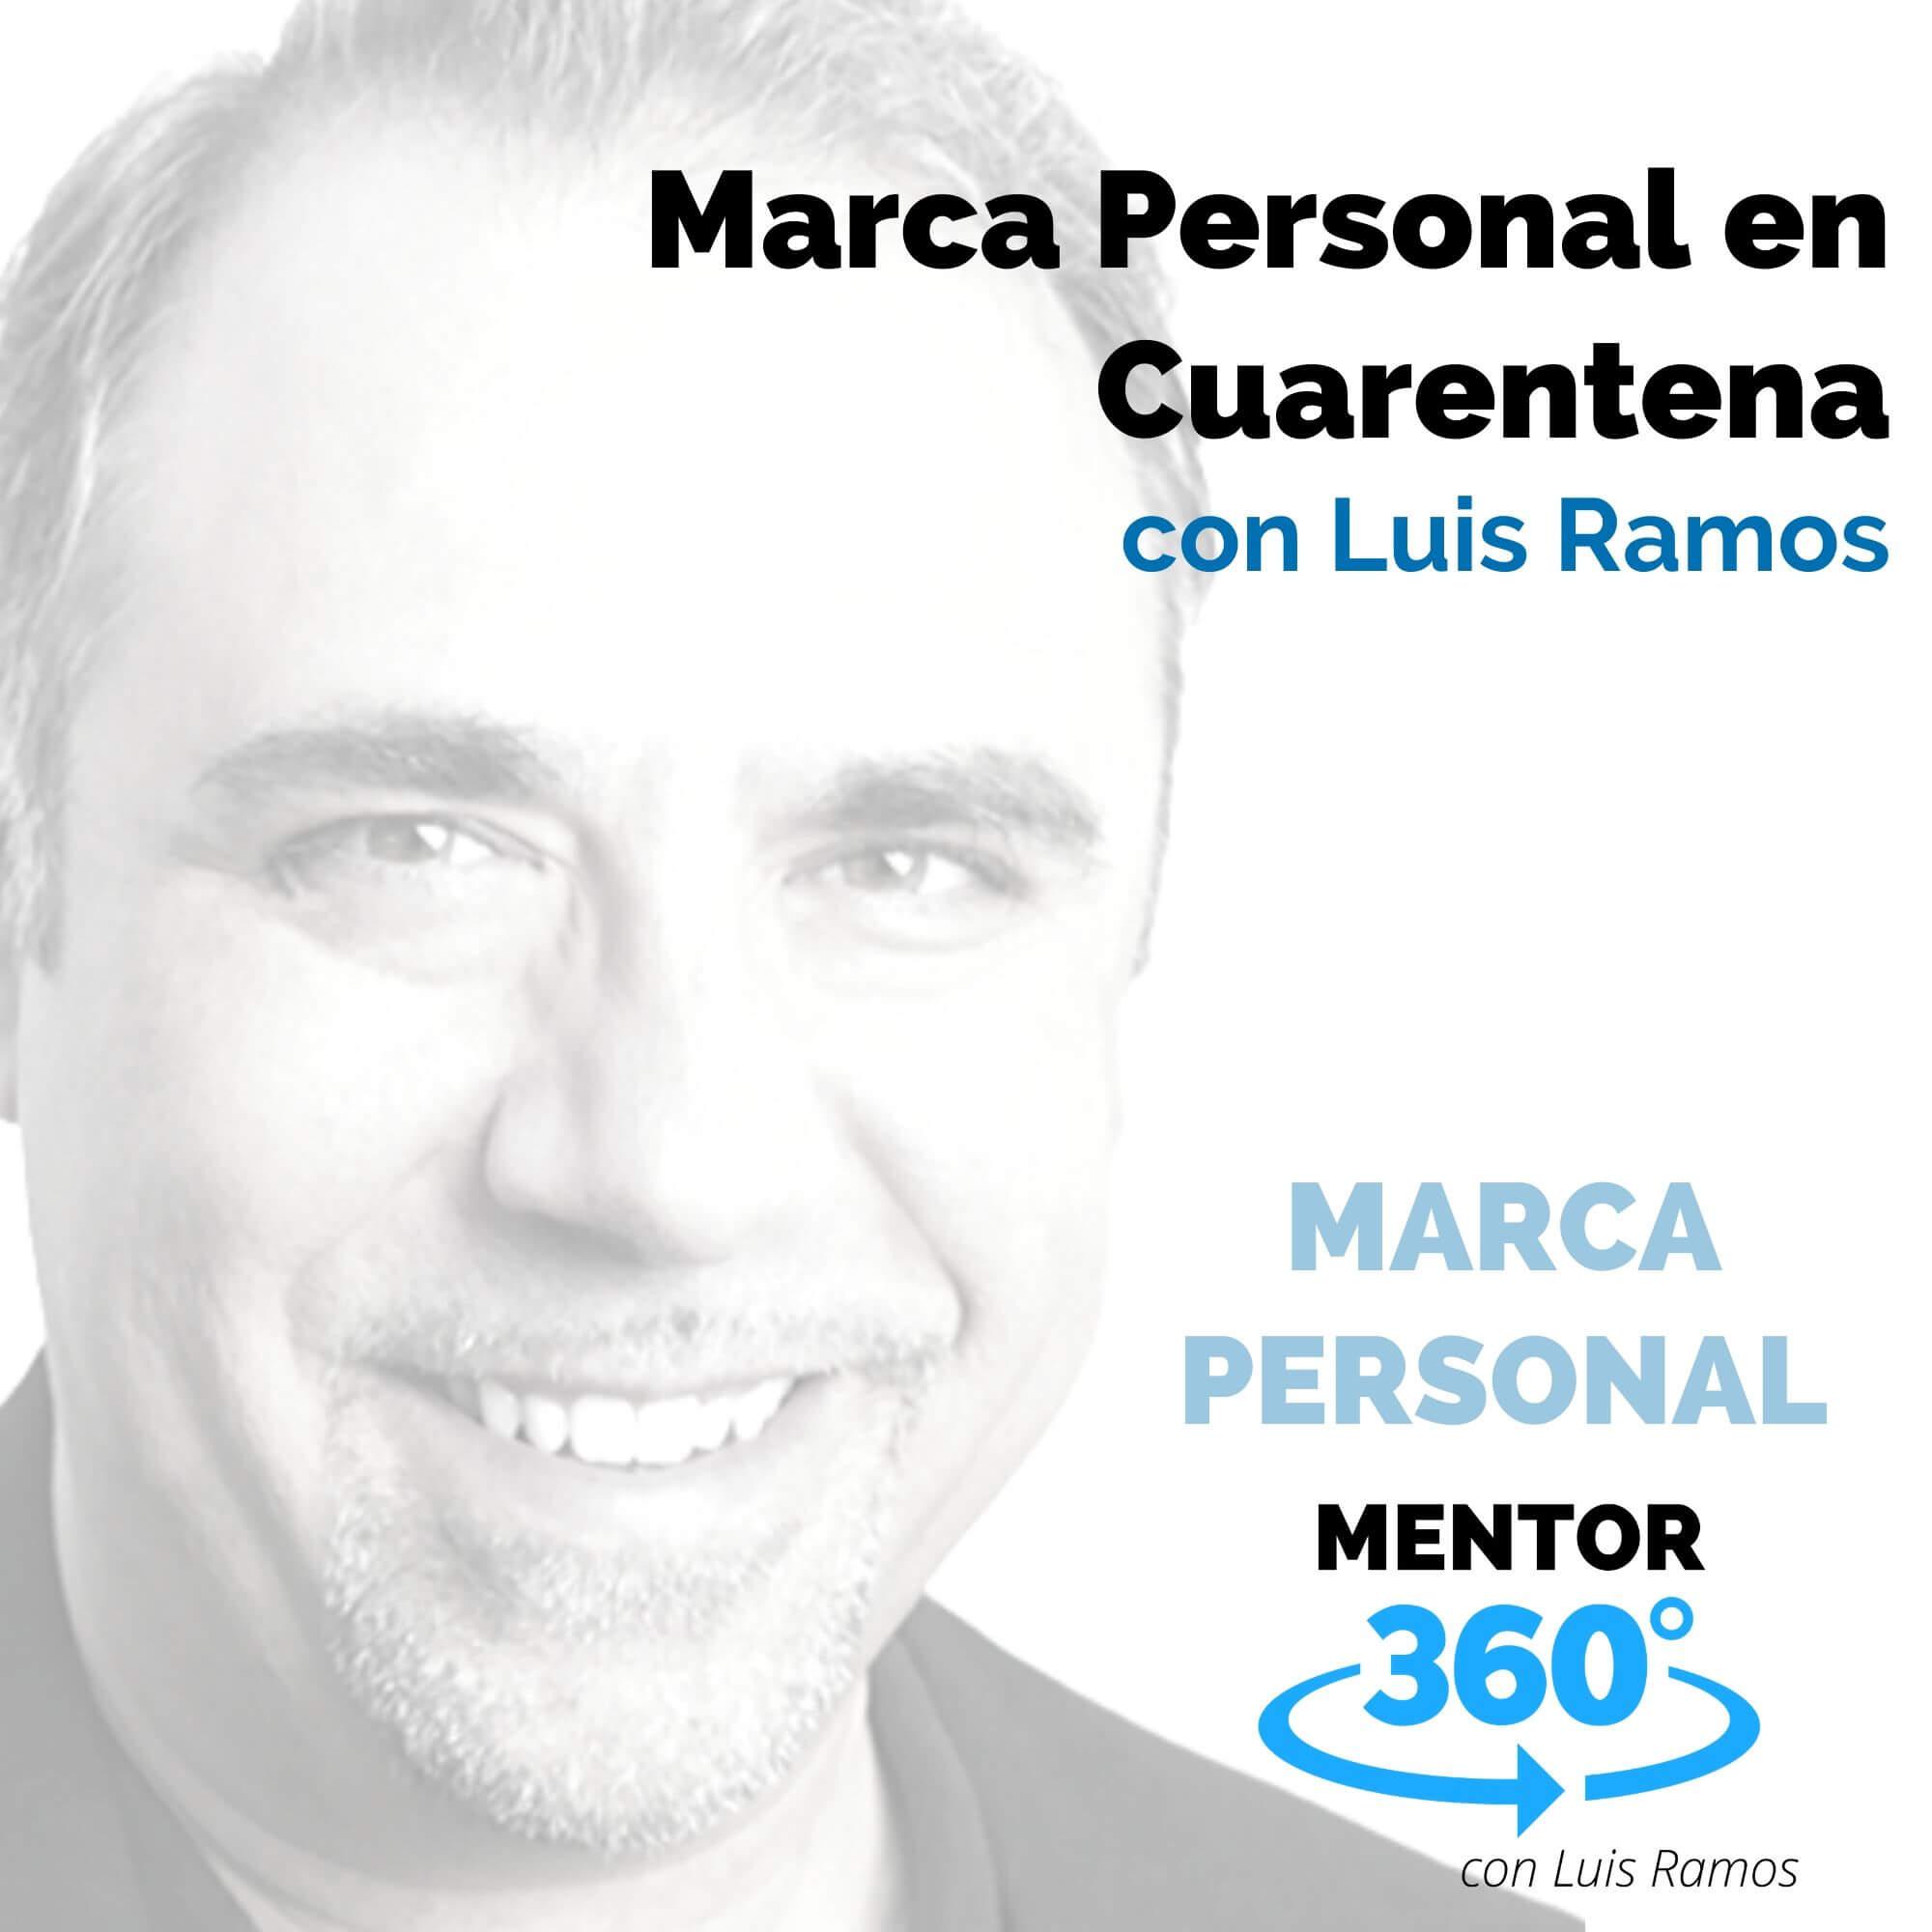 Marca personal en cuarentena, con Luis Ramos - MARCA PERSONAL